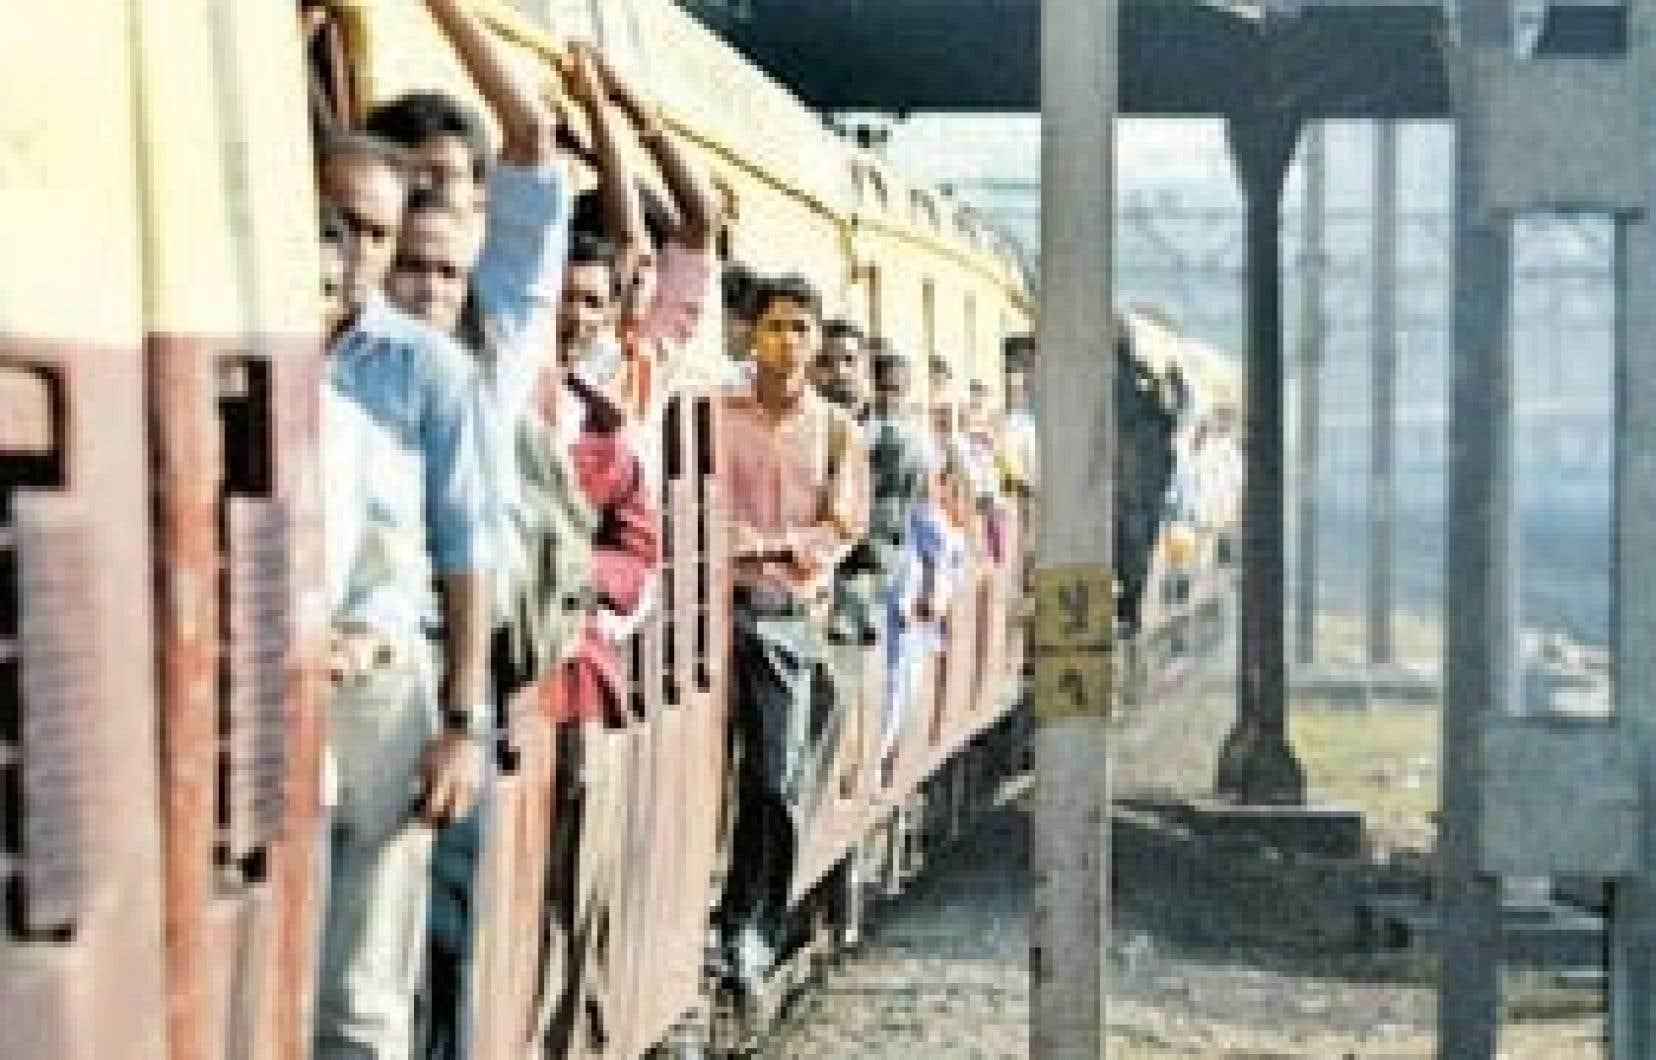 Des passagers d'un train de Mumbai. L'état lamentable des infrasctuctures de transport est un des problèmes auxquels doit faire face le gouvernement indien.